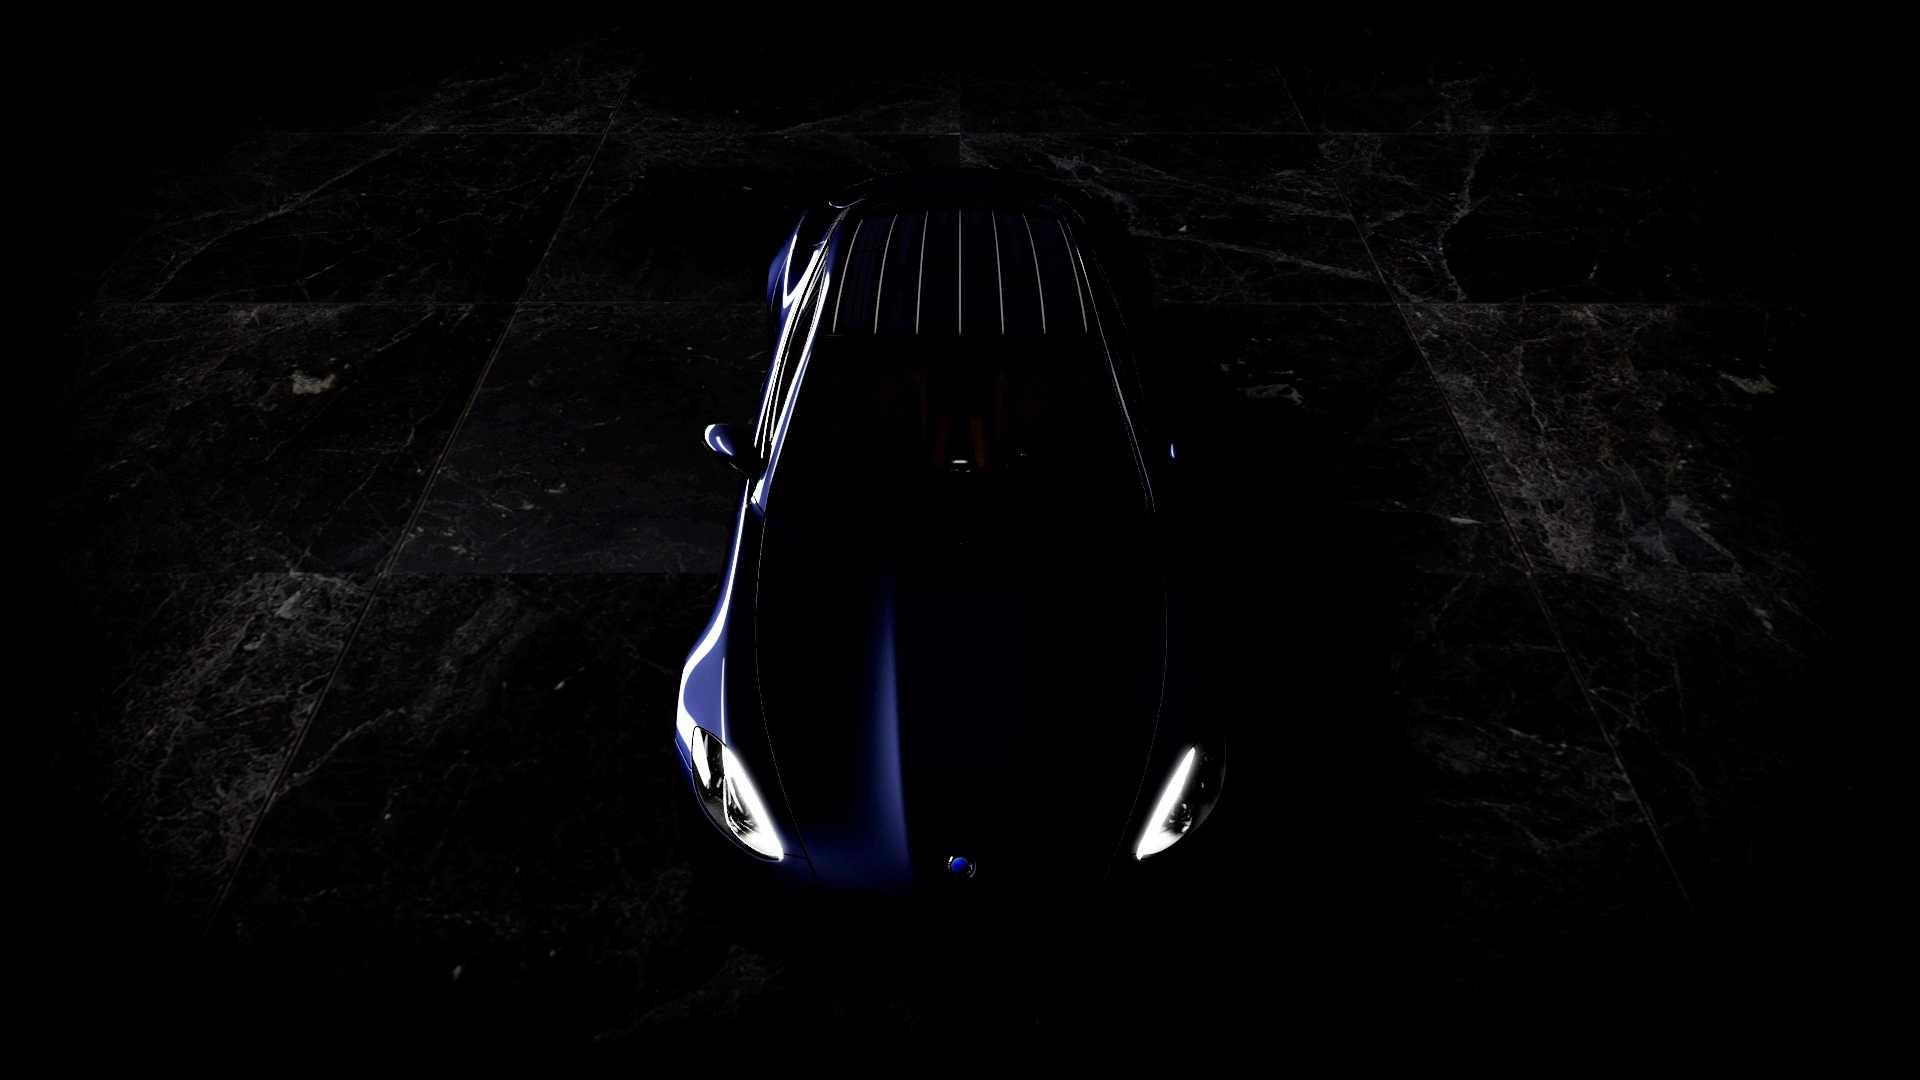 Компания Karma Automotive распространила первое изображение гибрида Revero нового поколения